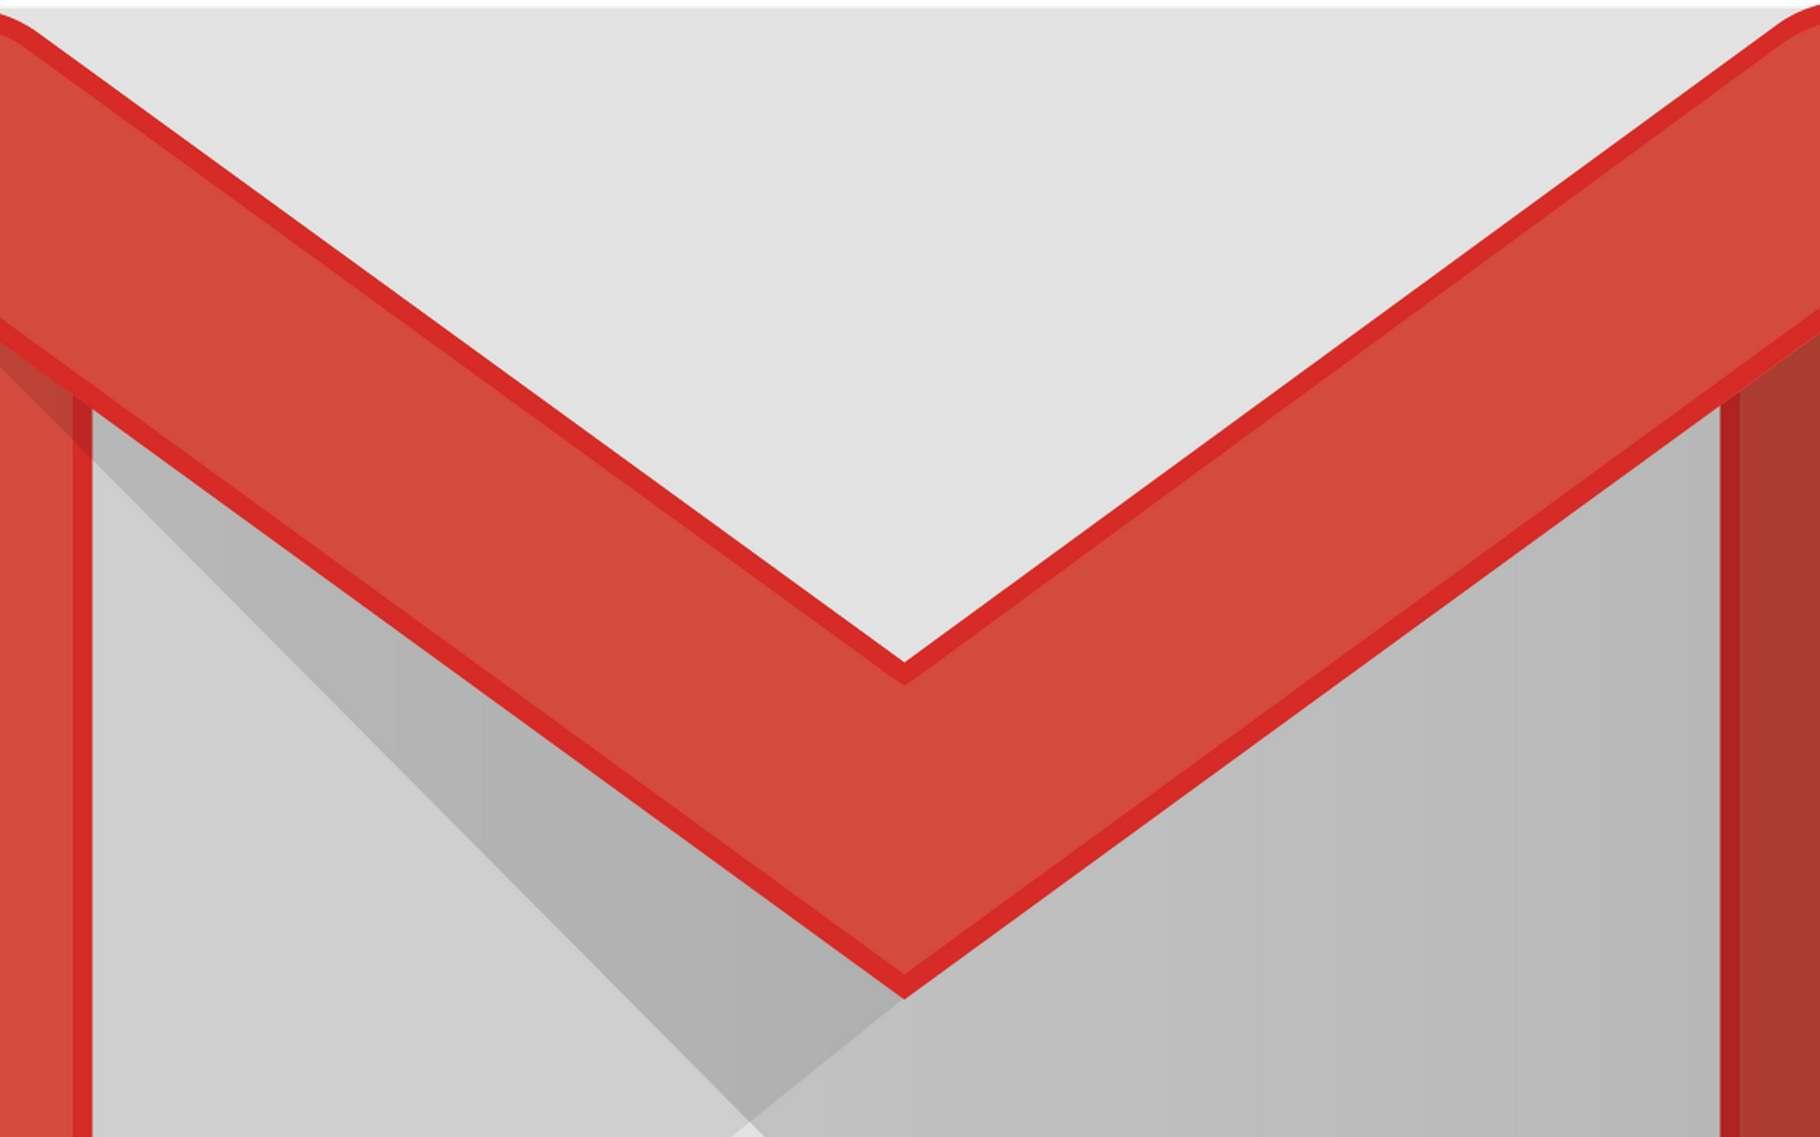 Google a choisi d'abandonner le scan des mots clés dans les courriels Gmail afin de rassurer les clients professionnels qui utilisent la messagerie dans l'offre payante G Suite. © Google, Wikimedia Commons